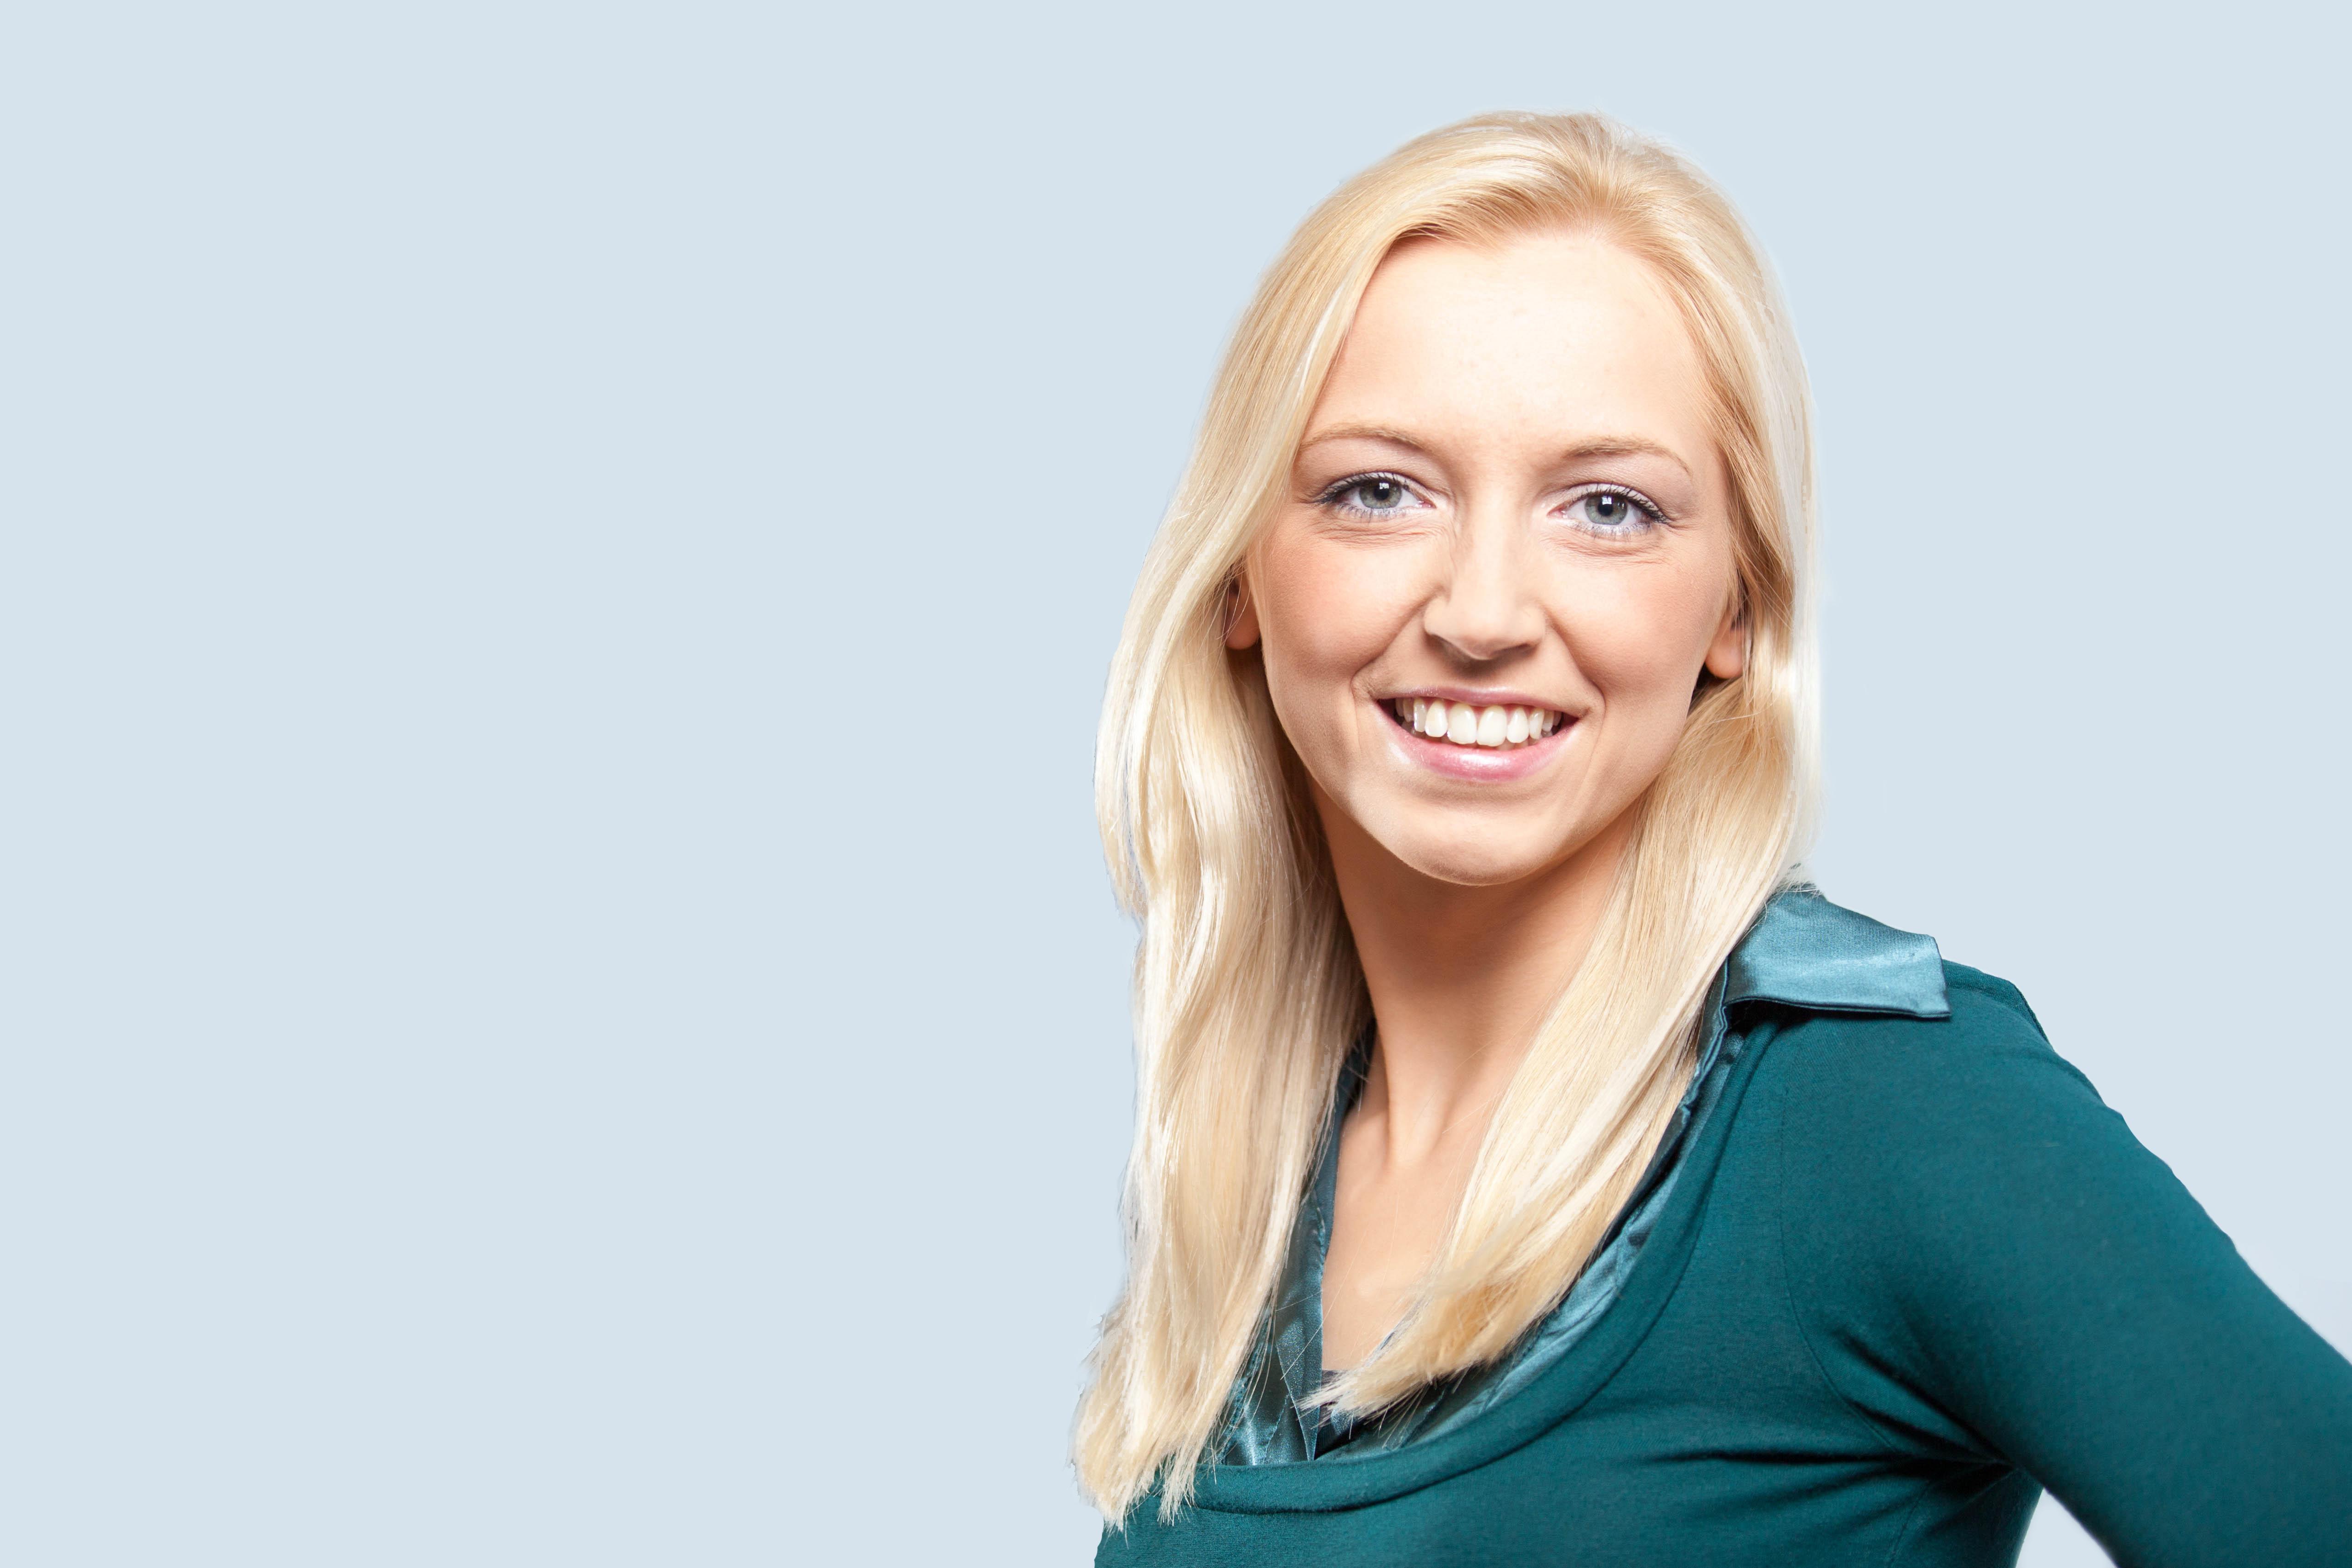 Janine's profile picture